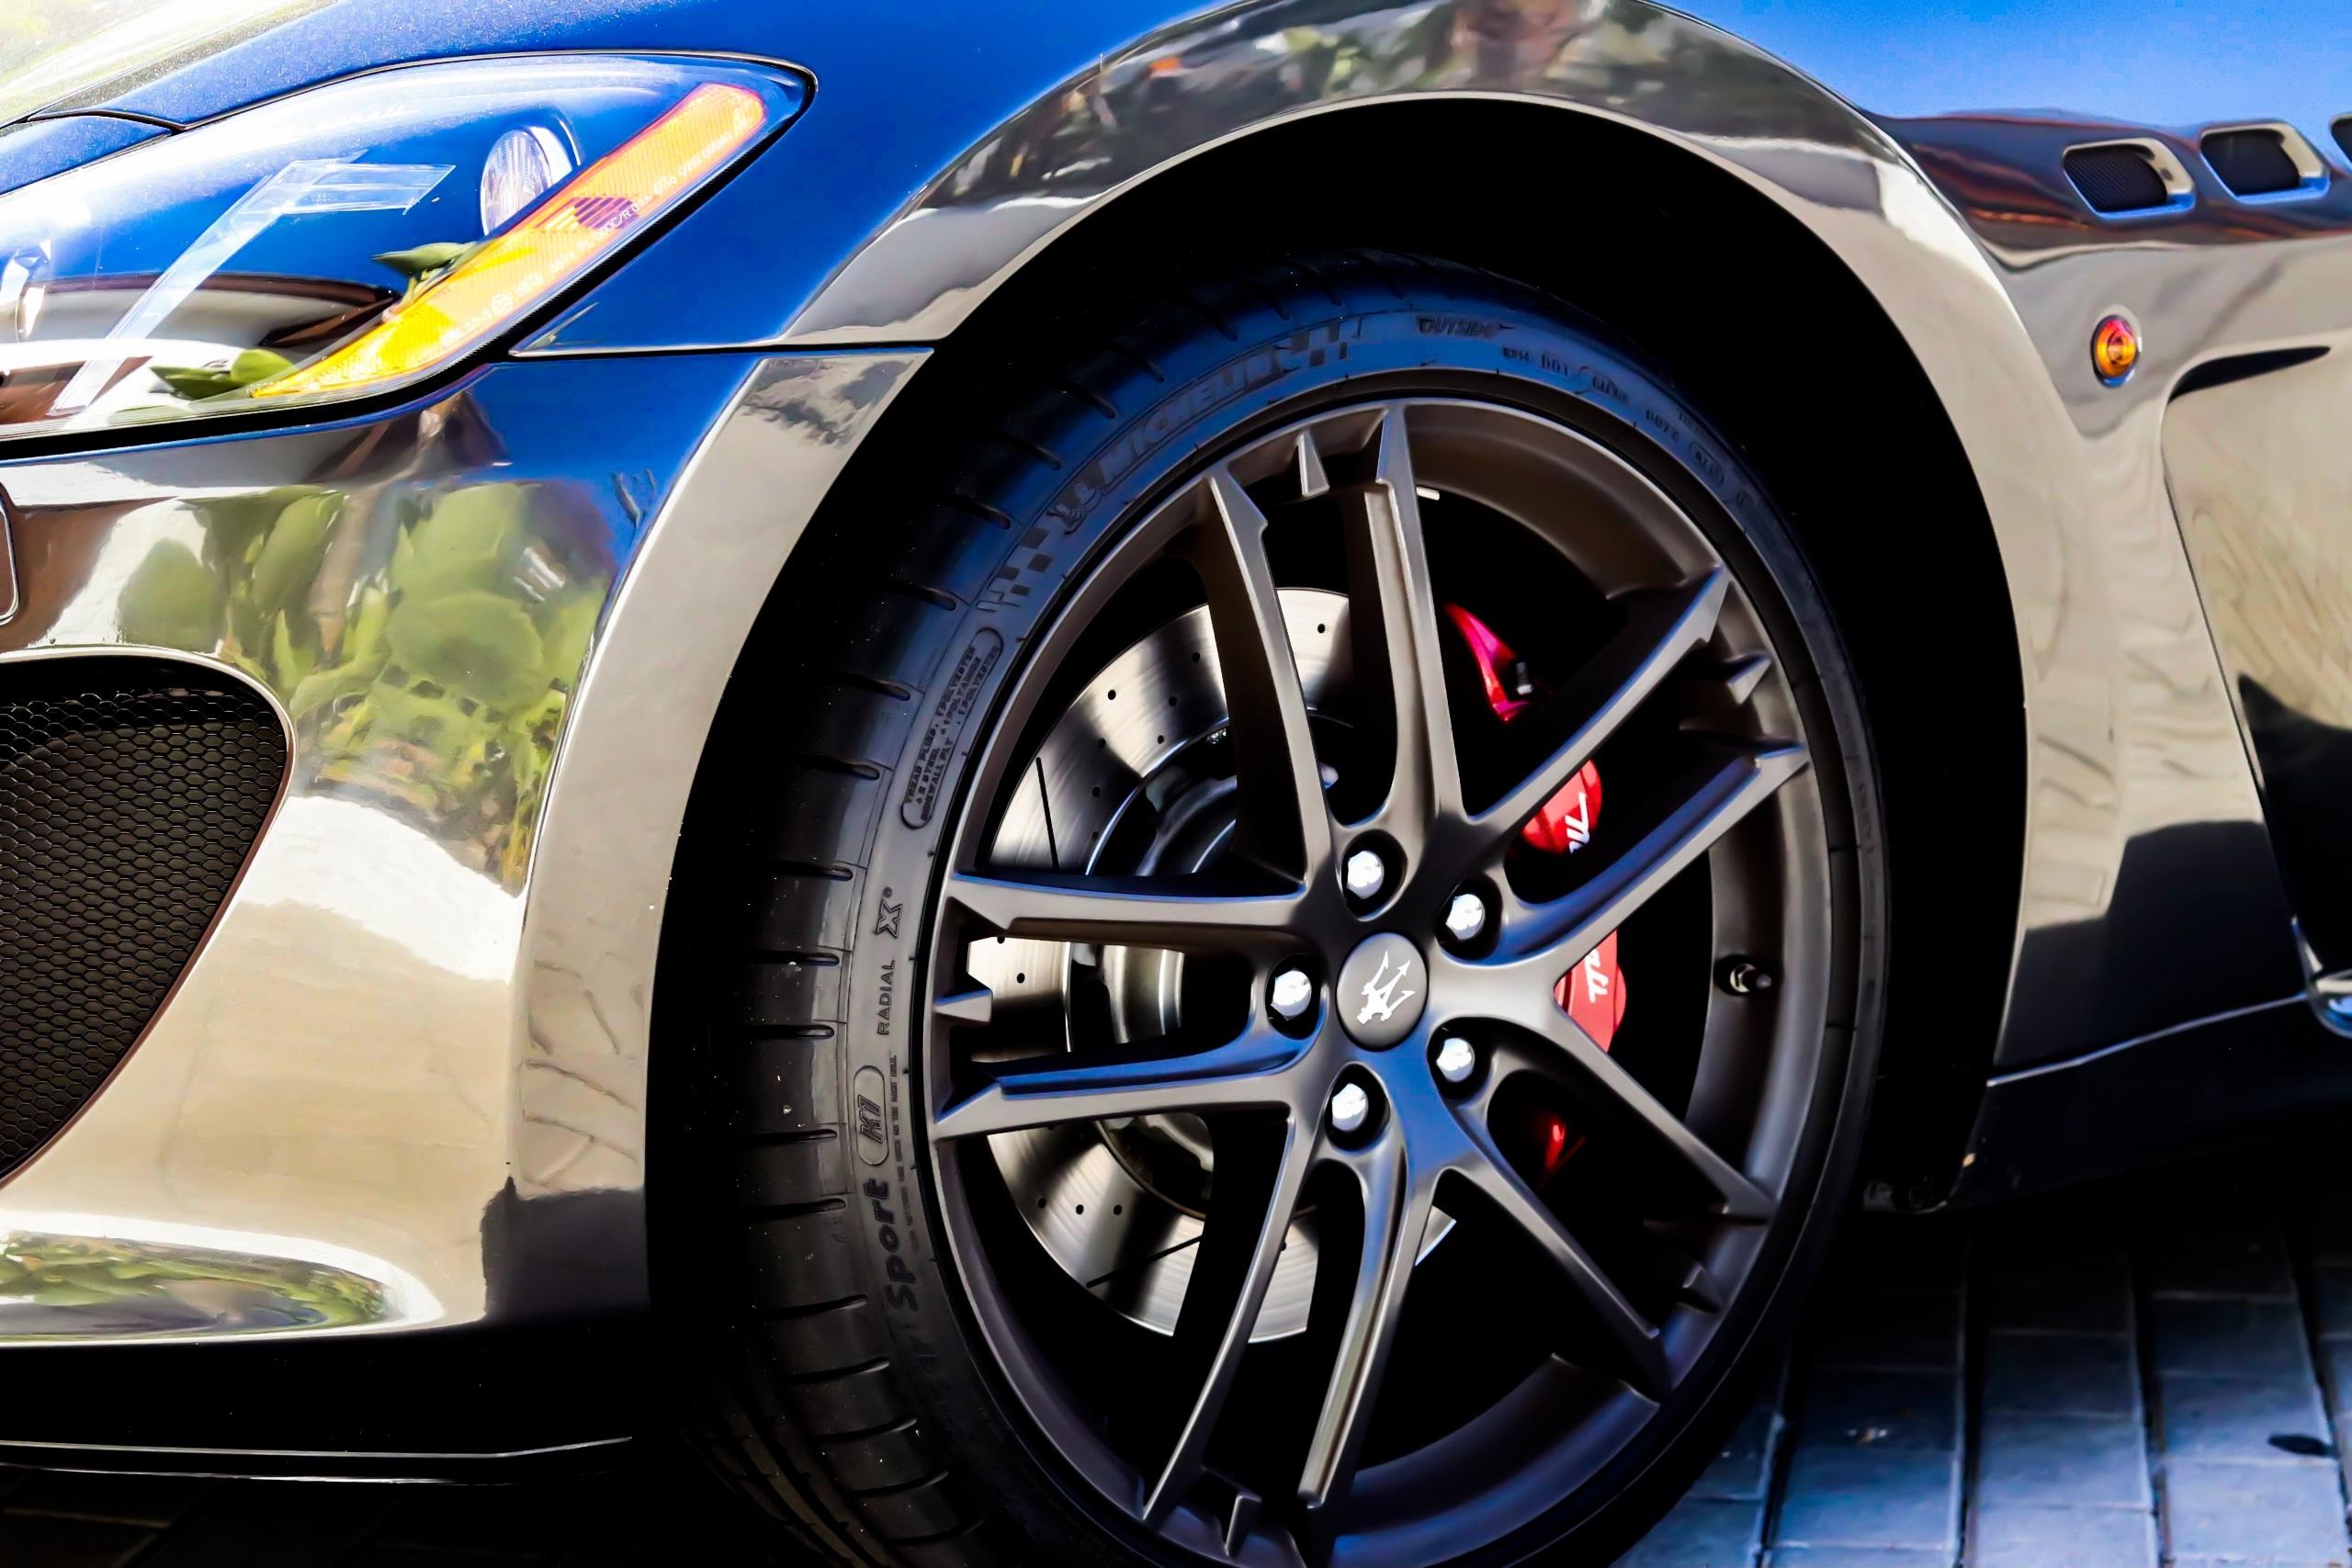 156931 Hintergrundbild herunterladen Auto, Maserati, Cars, Wagen, Rad - Bildschirmschoner und Bilder kostenlos